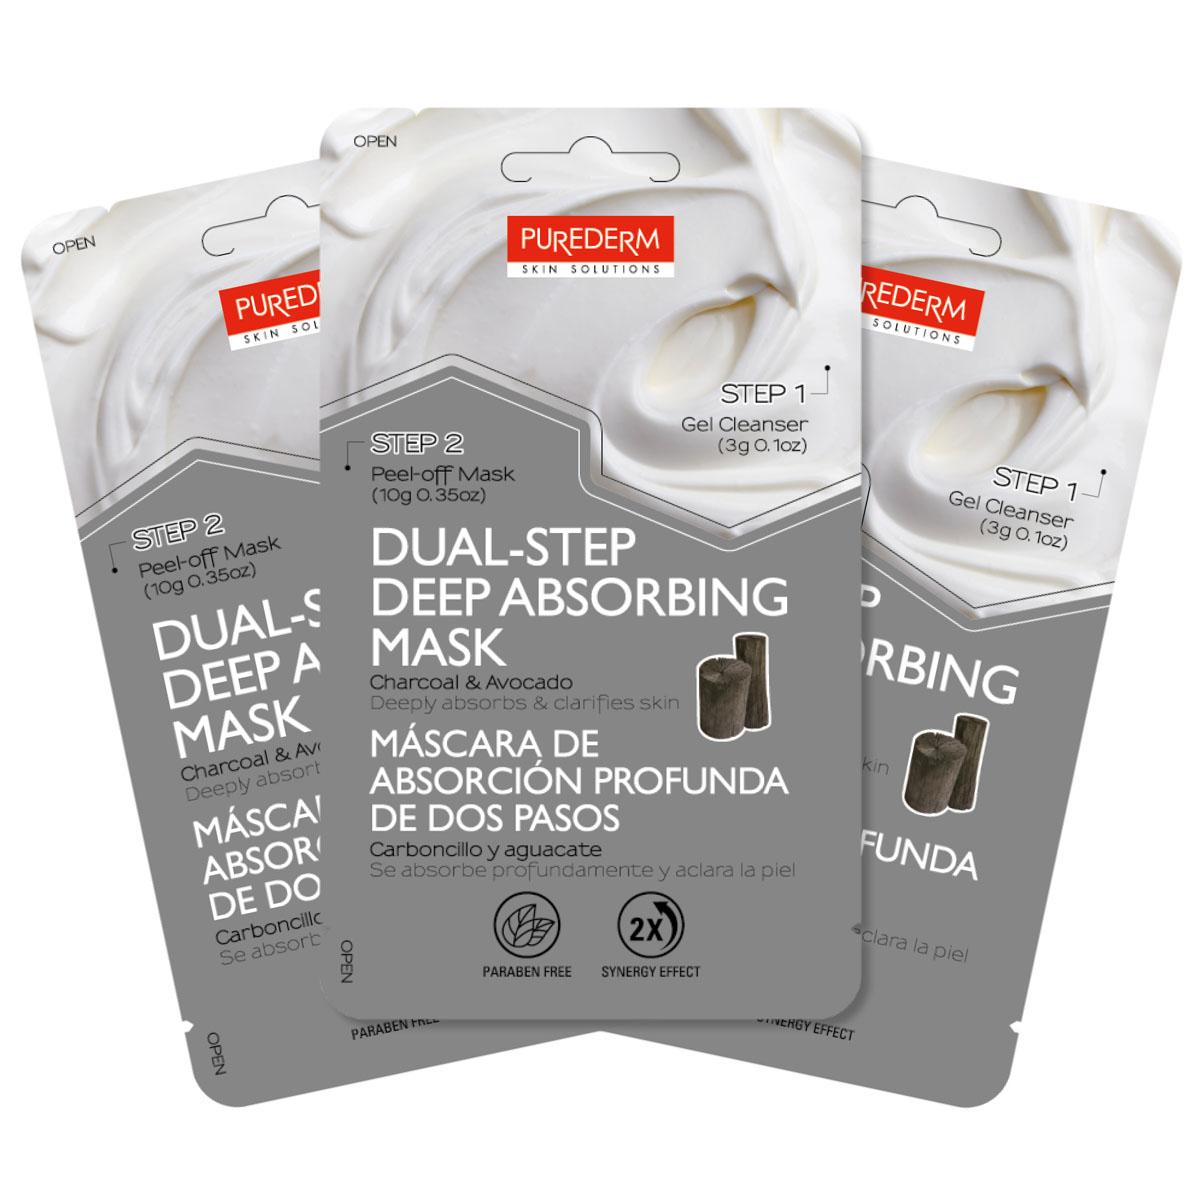 Purederm Набор Двойной уход: Очищающий гель, 3 г + Маска-пленка с углем и авокадо, 10 г3N182495Сочетает в себе преимущества геля и маски- пленки для глубокого очищения пор.Очищающий гель (Шаг 1) с медом, лимоном, и соком бамбука глубоко и бережно очищает поры, что повышает эффективность маски (Шаг 2). Маска- пленка с углем и авокадо (Шаг 2): в состав входит порошок древесного угля и экстракт плодов авокадо, эффективно абсорбирует и вытягивает из кожи токсины, глубоко проникая в поры кожи, очищает их и помогает активным ингредиентам проникнуть в кожу через очищенные поры.Не содержит парабенов, минерального масла, талька, кремния, лаурилсульфат натрия.